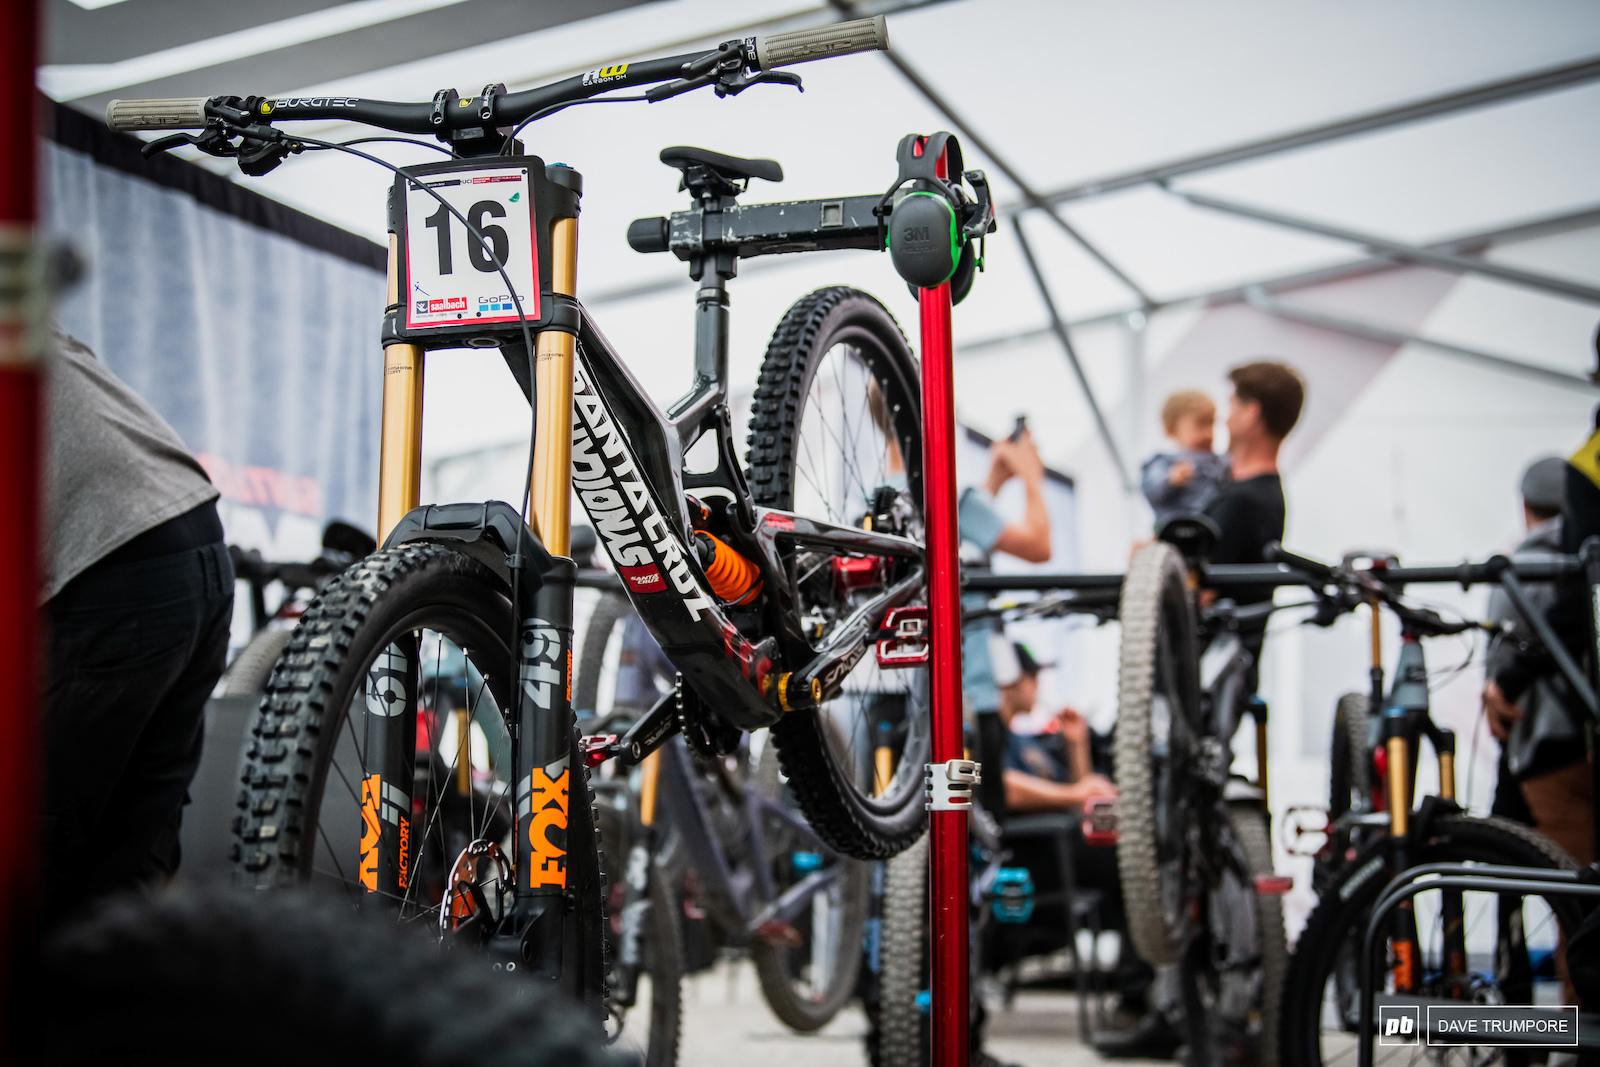 Greg Minnaar s Santa Cruz V10 will be the last bike down the hill tomorrow.